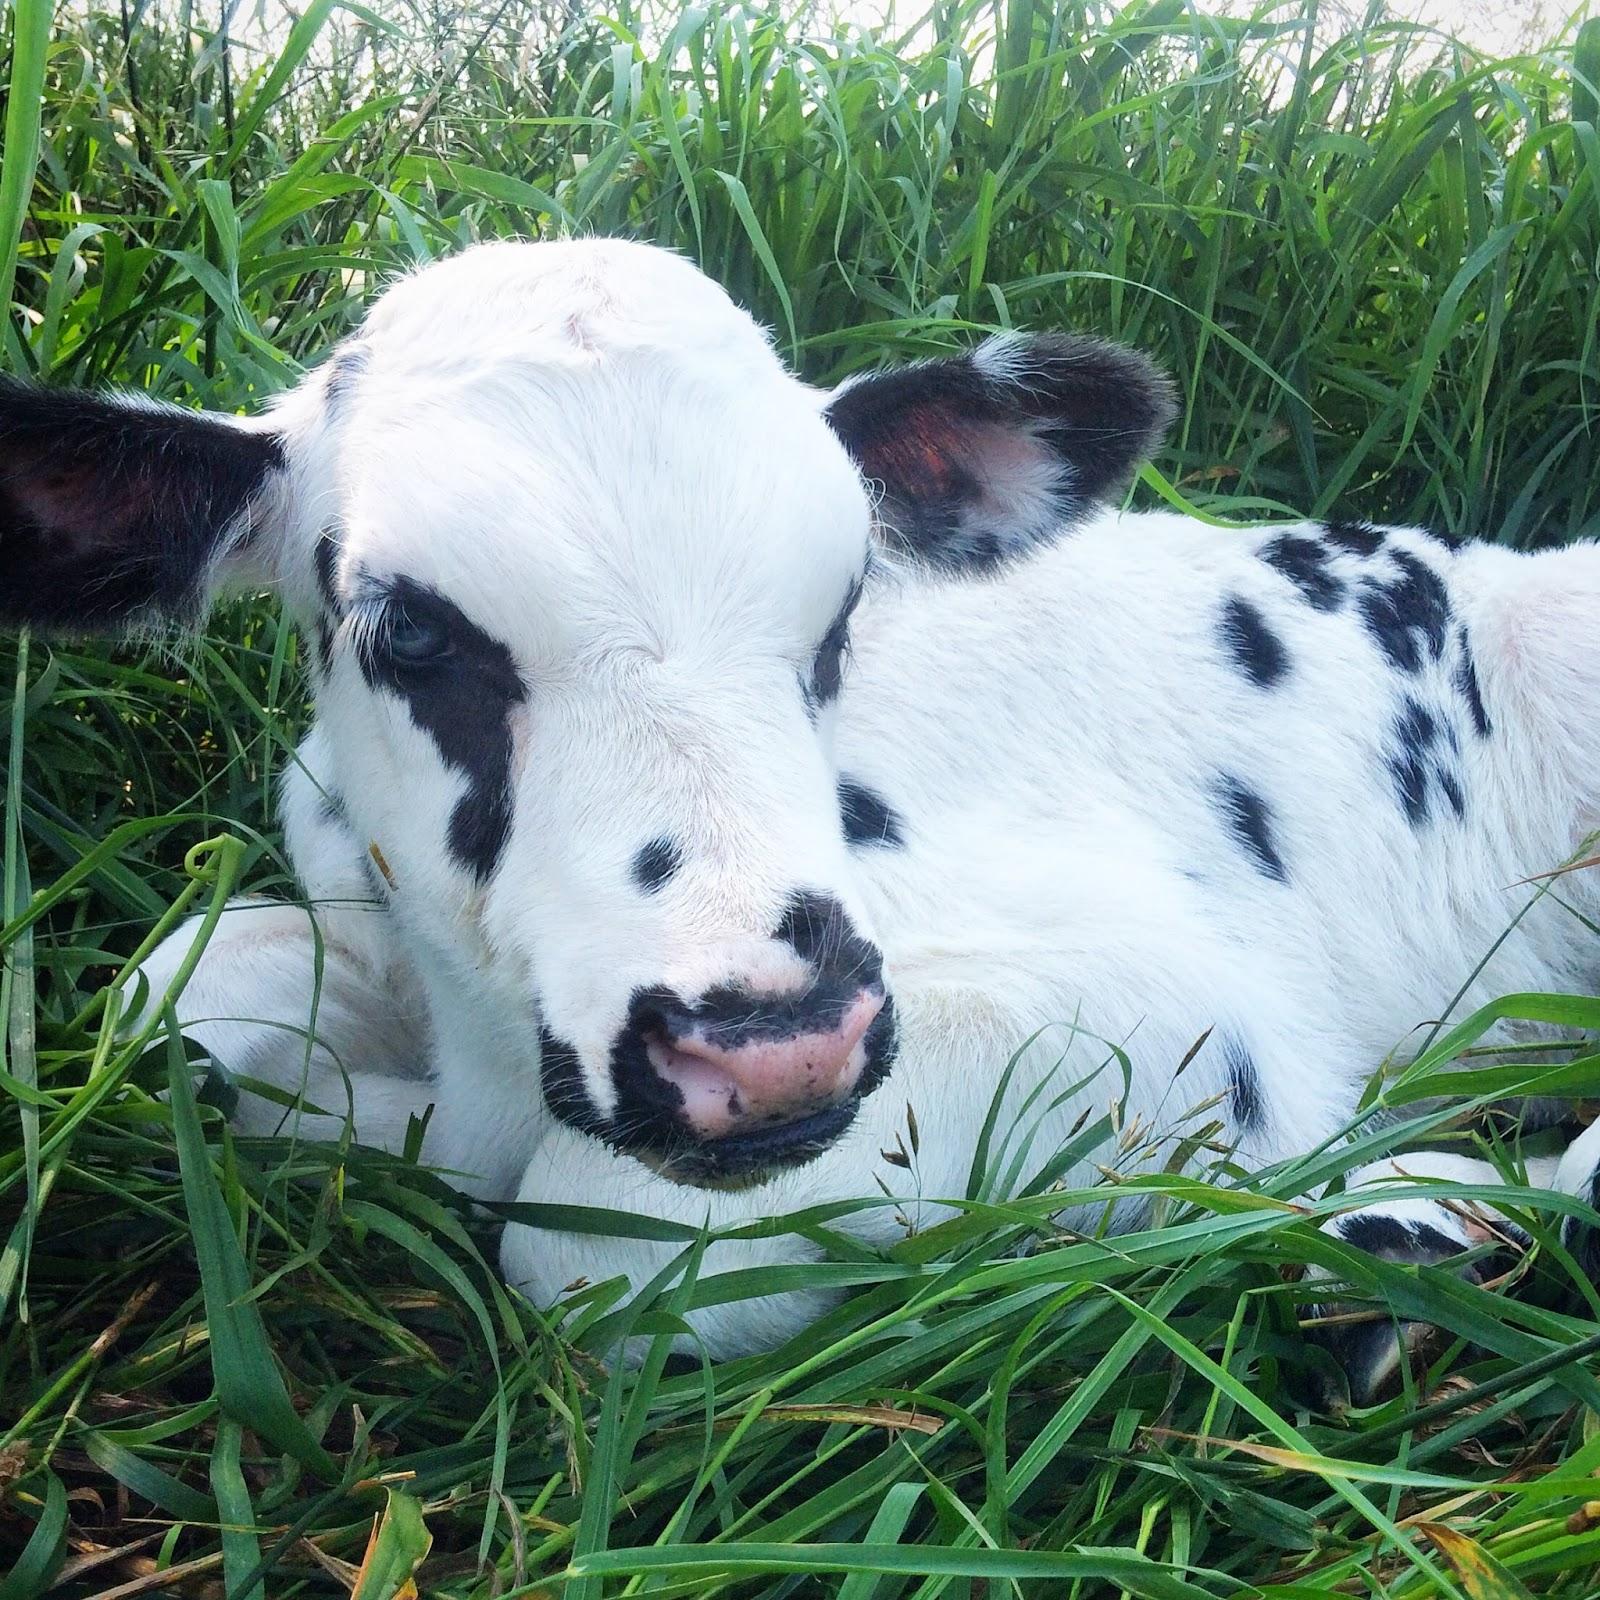 newborn black and white heifer calf in grass